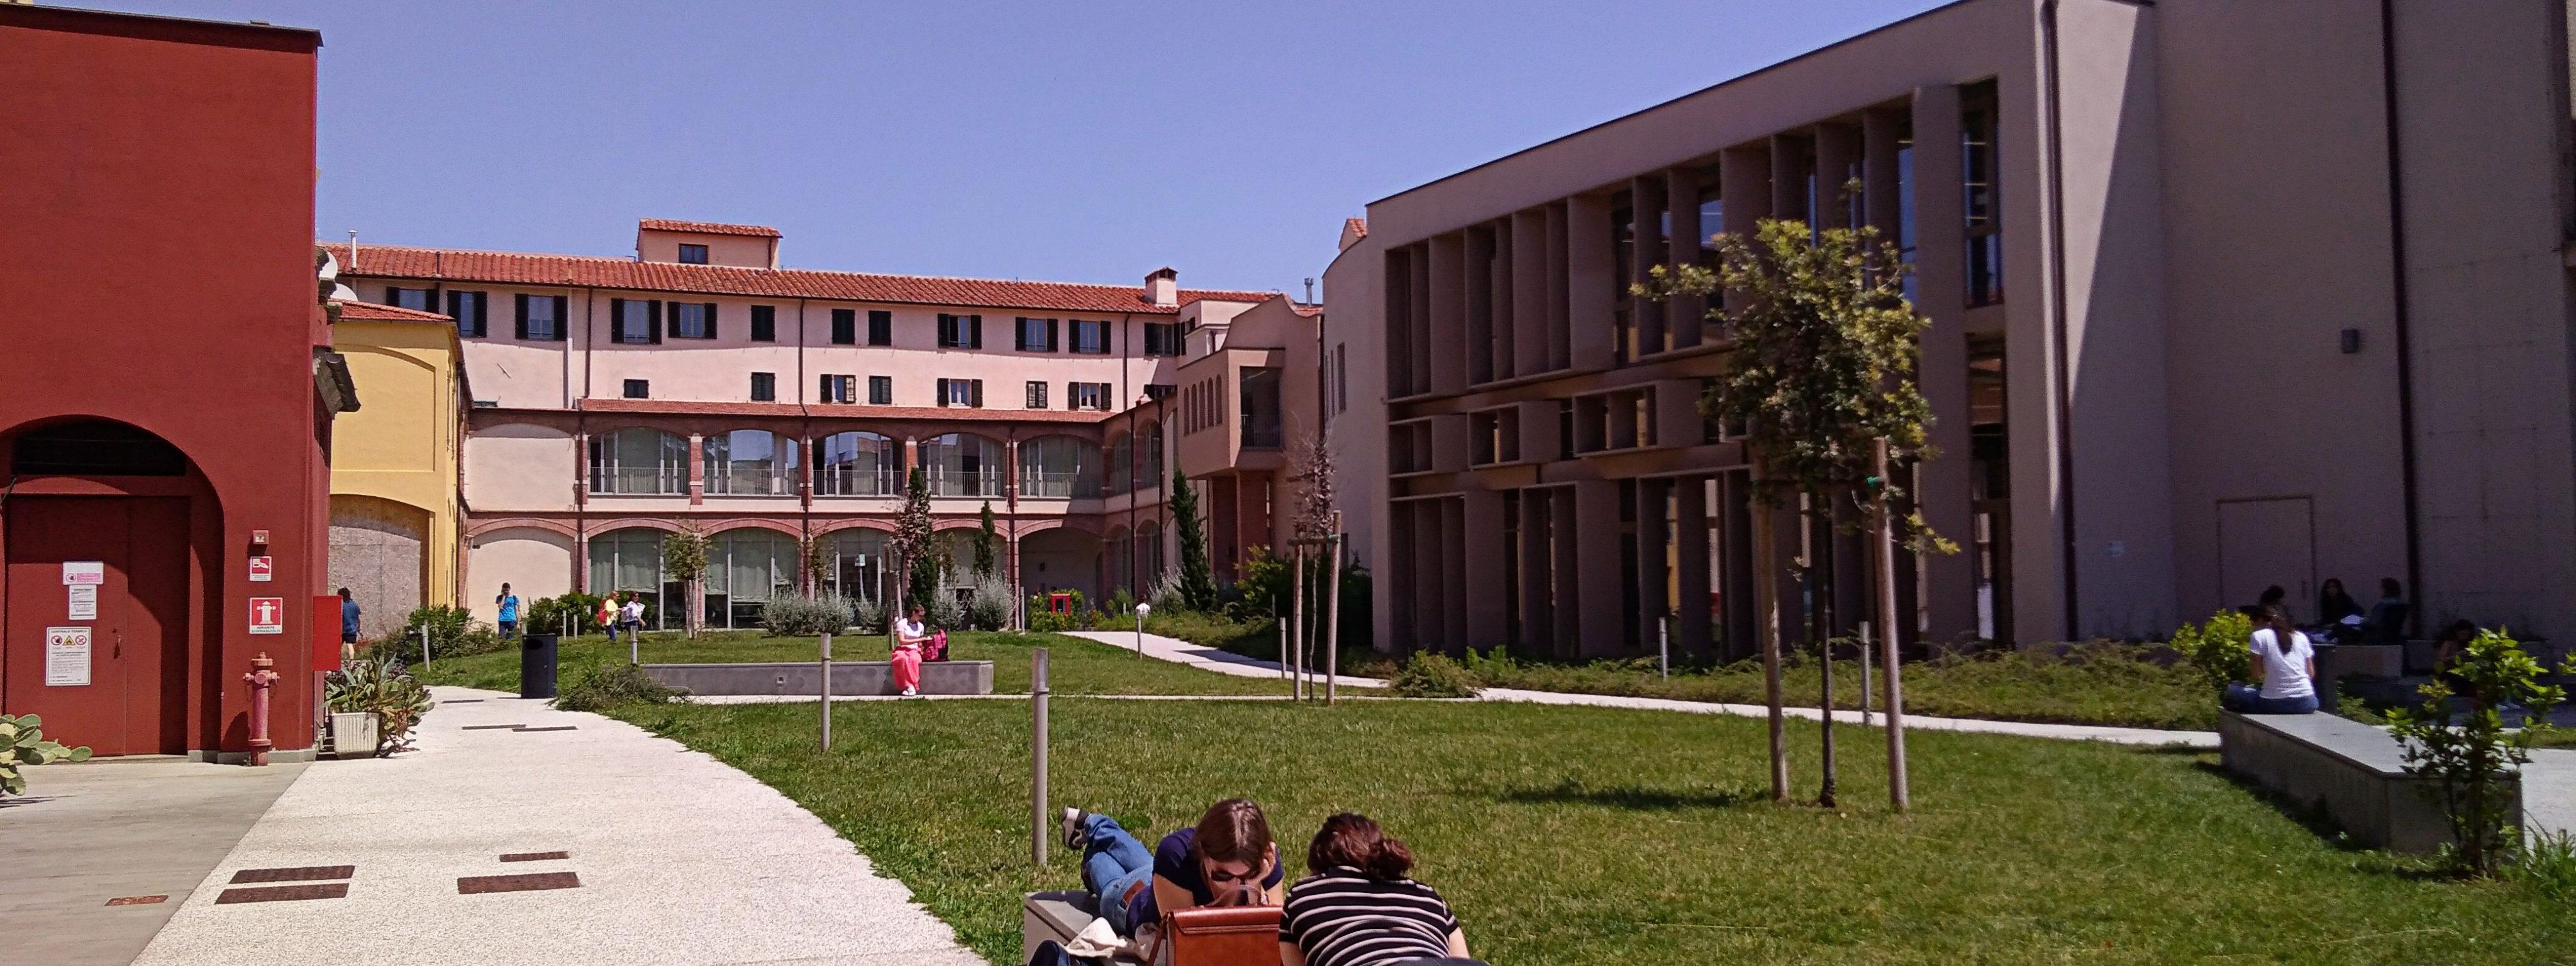 campus-cfs-estate